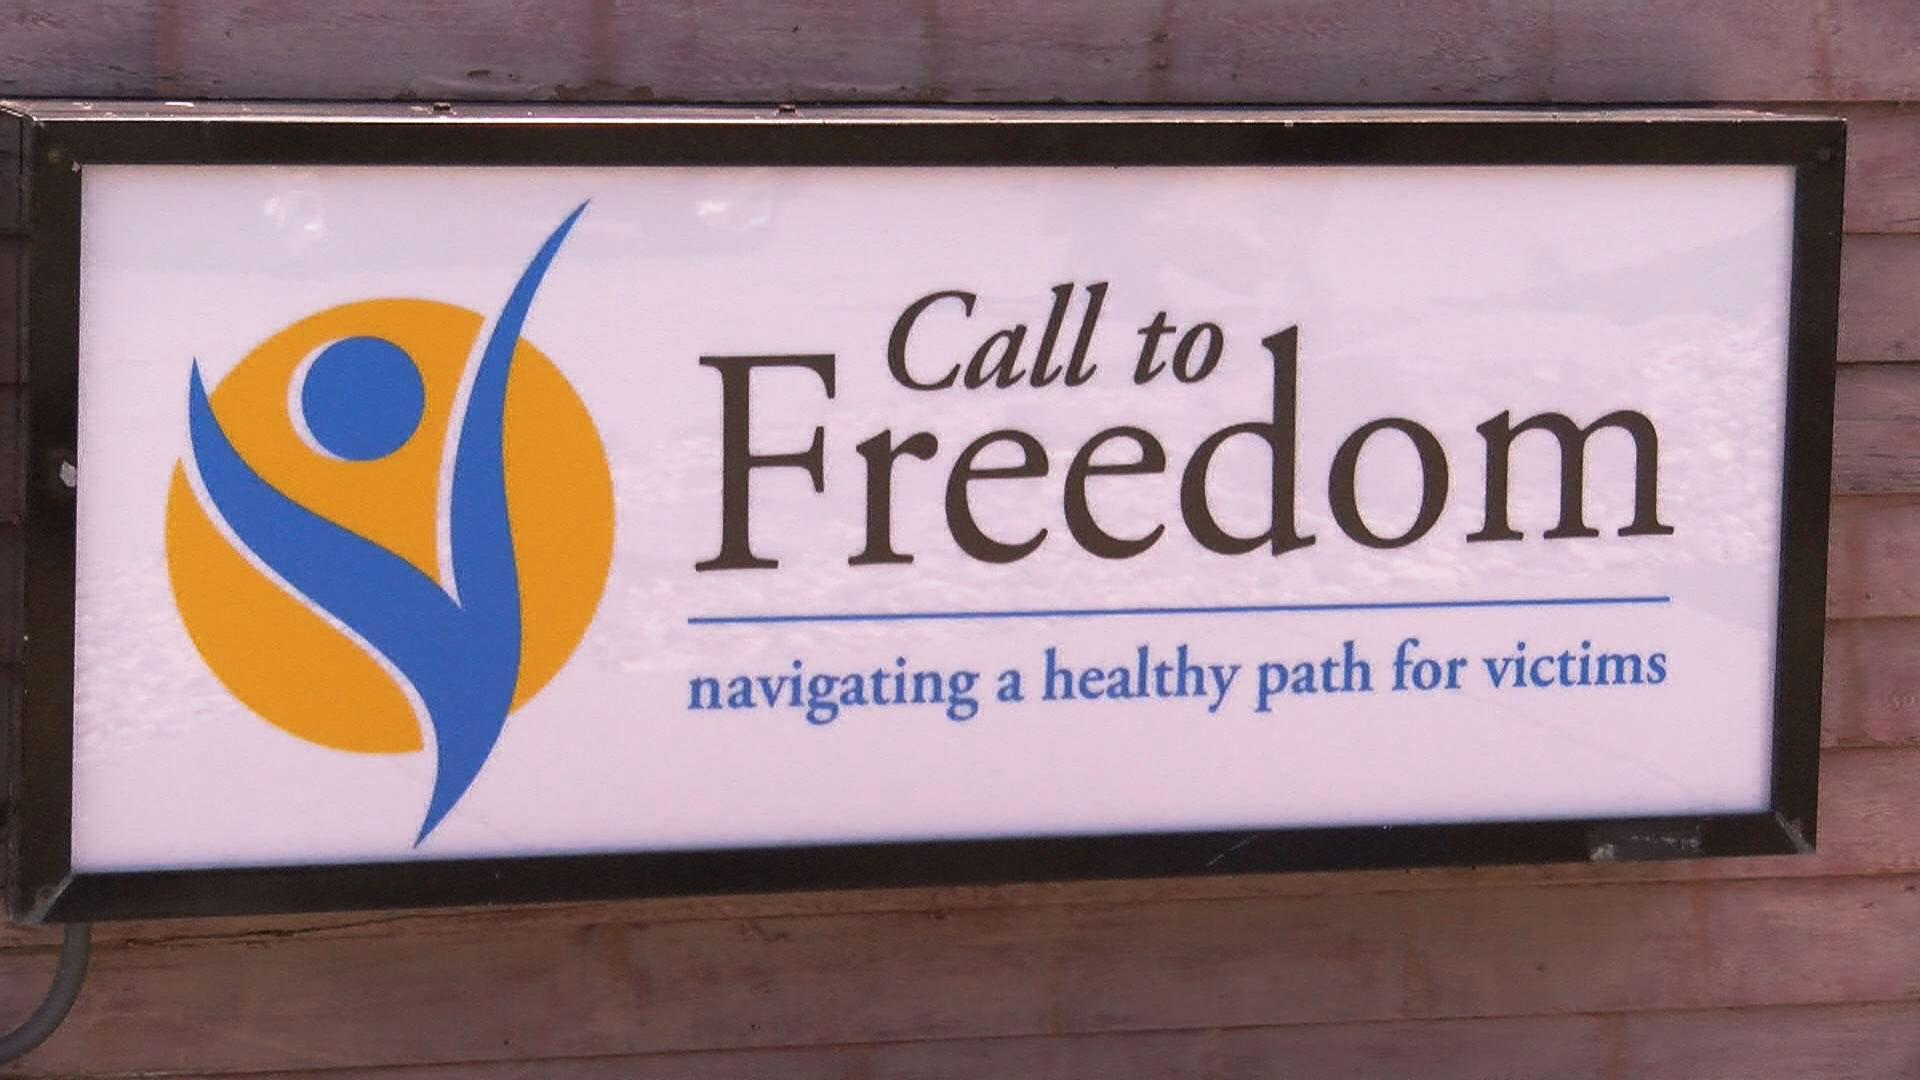 KELO Call To Freedom